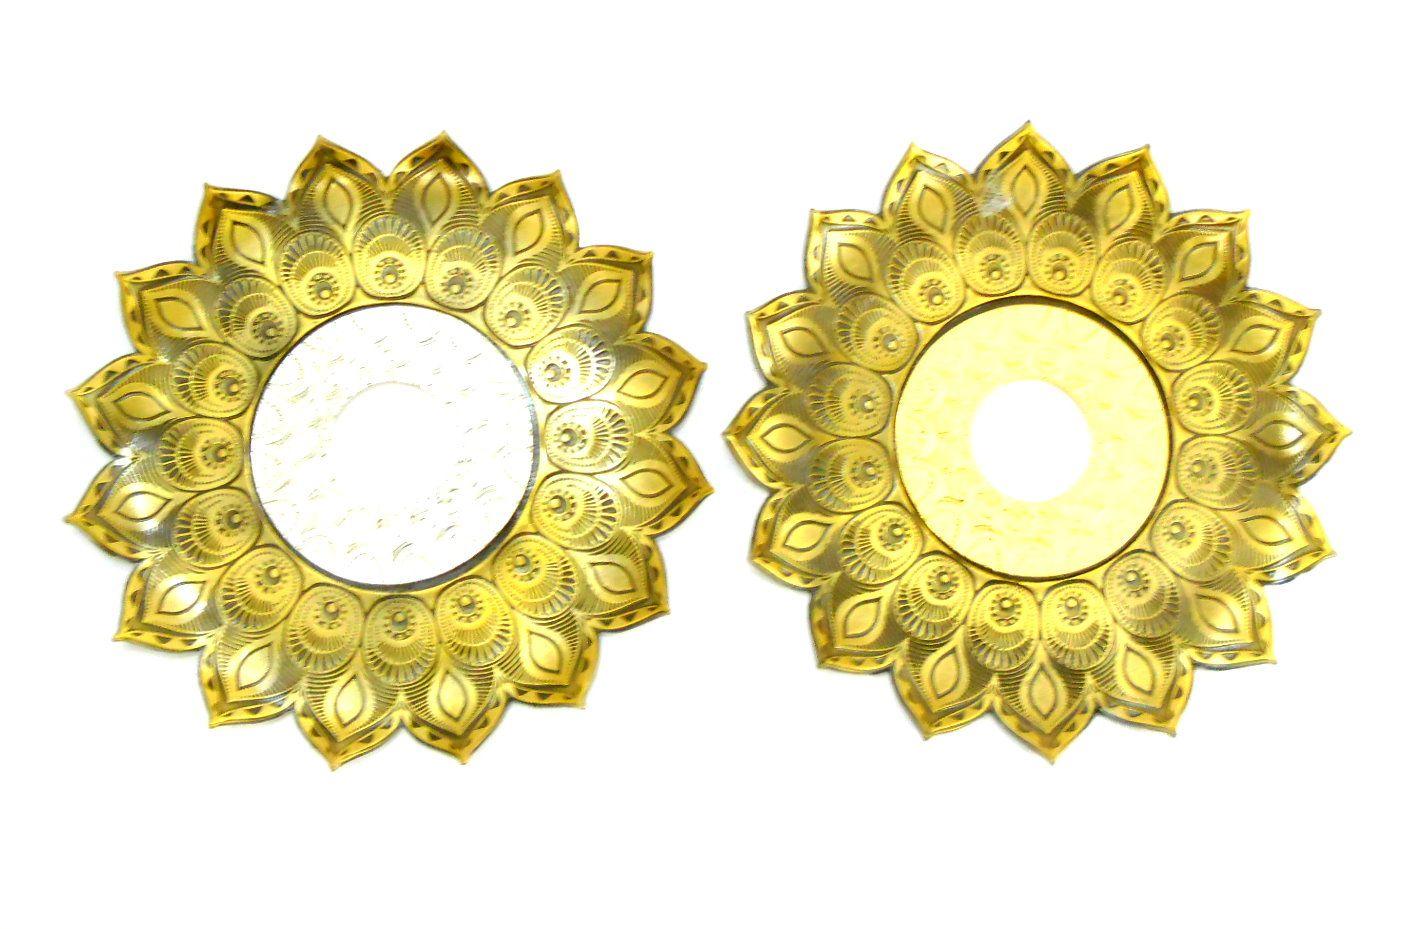 SETUP COM: Stem Triton UP e vaso listrado PRETO E DOURADO, prato Pérsia Ouro Velho centro prata. Kit vedações.